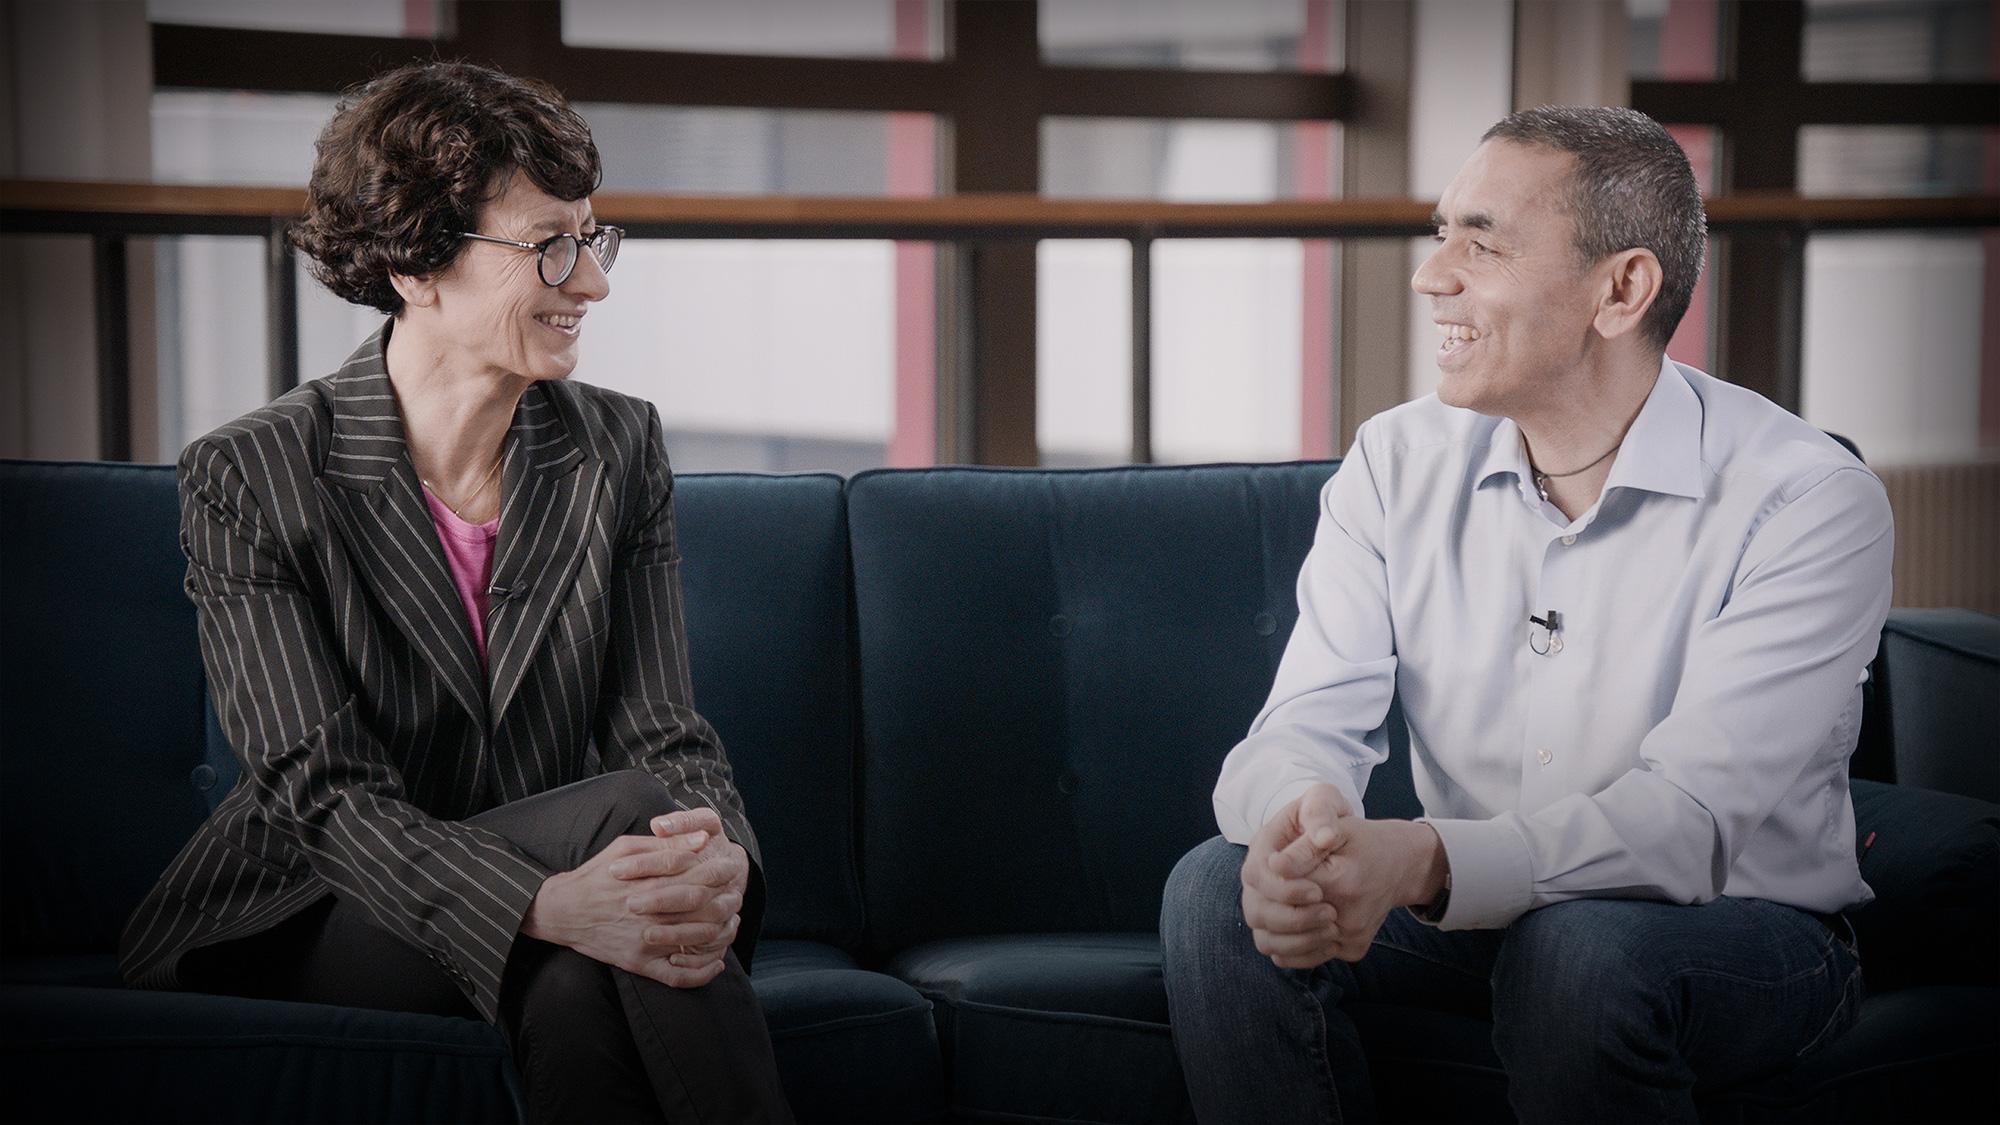 Niềm đam mê vô tận với khoa học của cặp vợ chồng tạo ra vaccine Pfizer/BioNTech - Ảnh 7.